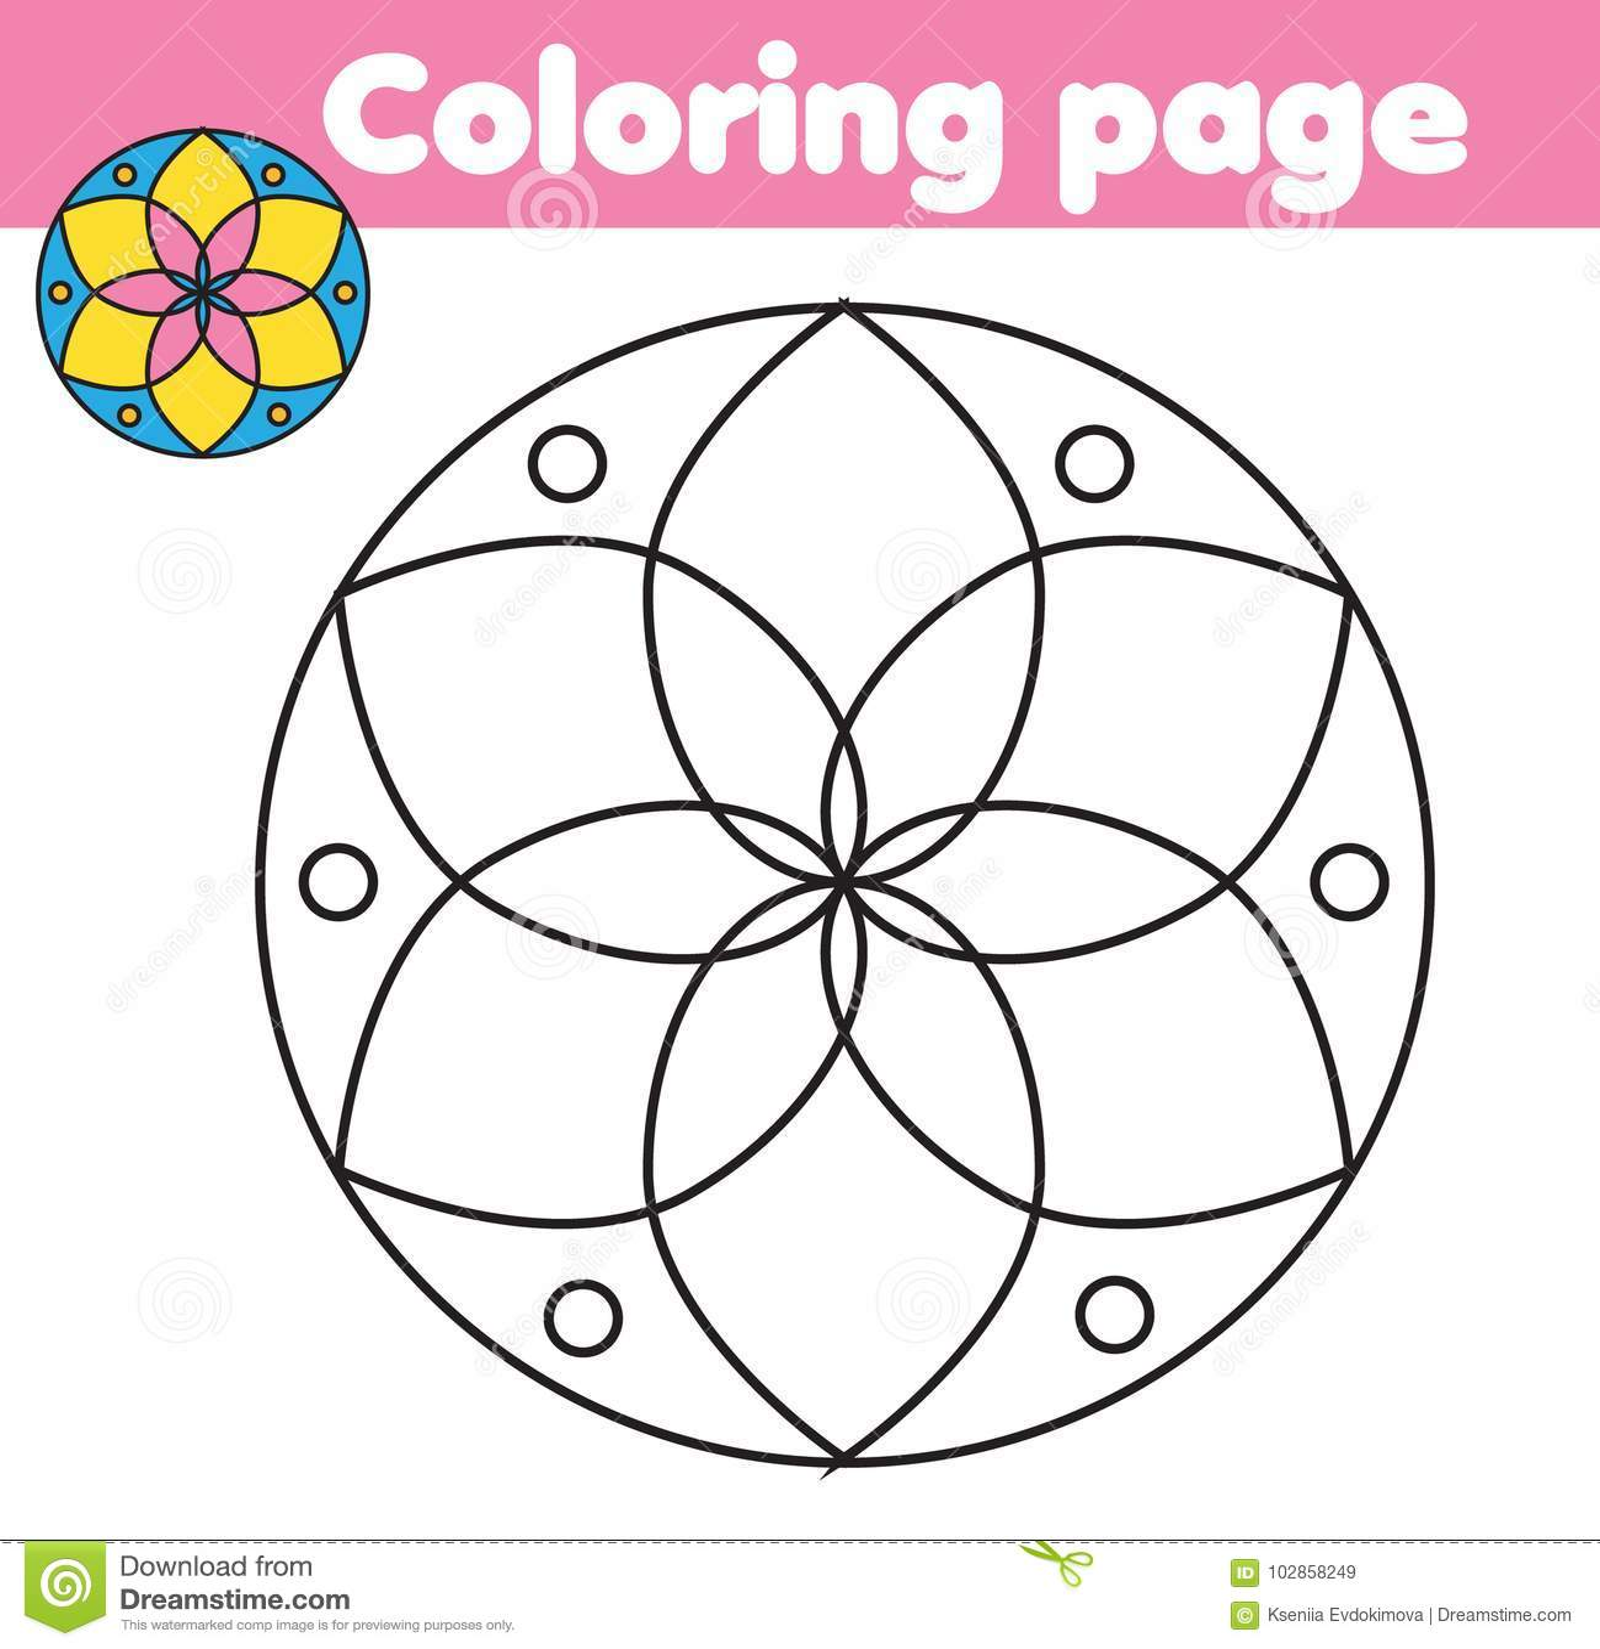 Vistoso Color Imprimible Por Número Para Adultos Imagen - Enmarcado ...